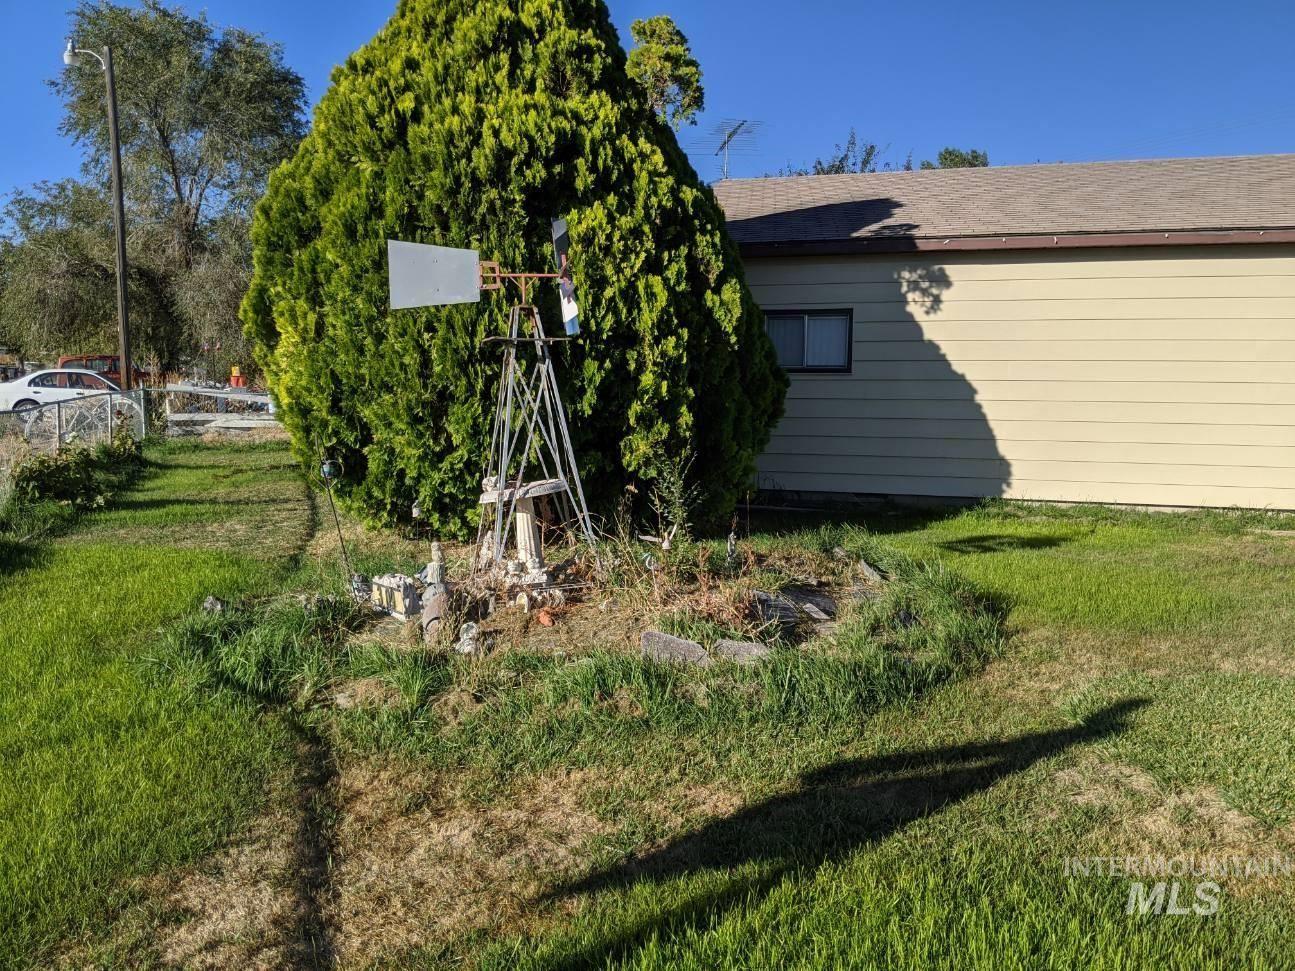 Photo of 309 W Rocky Lane, Heyburn, ID 83336 (MLS # 98793324)